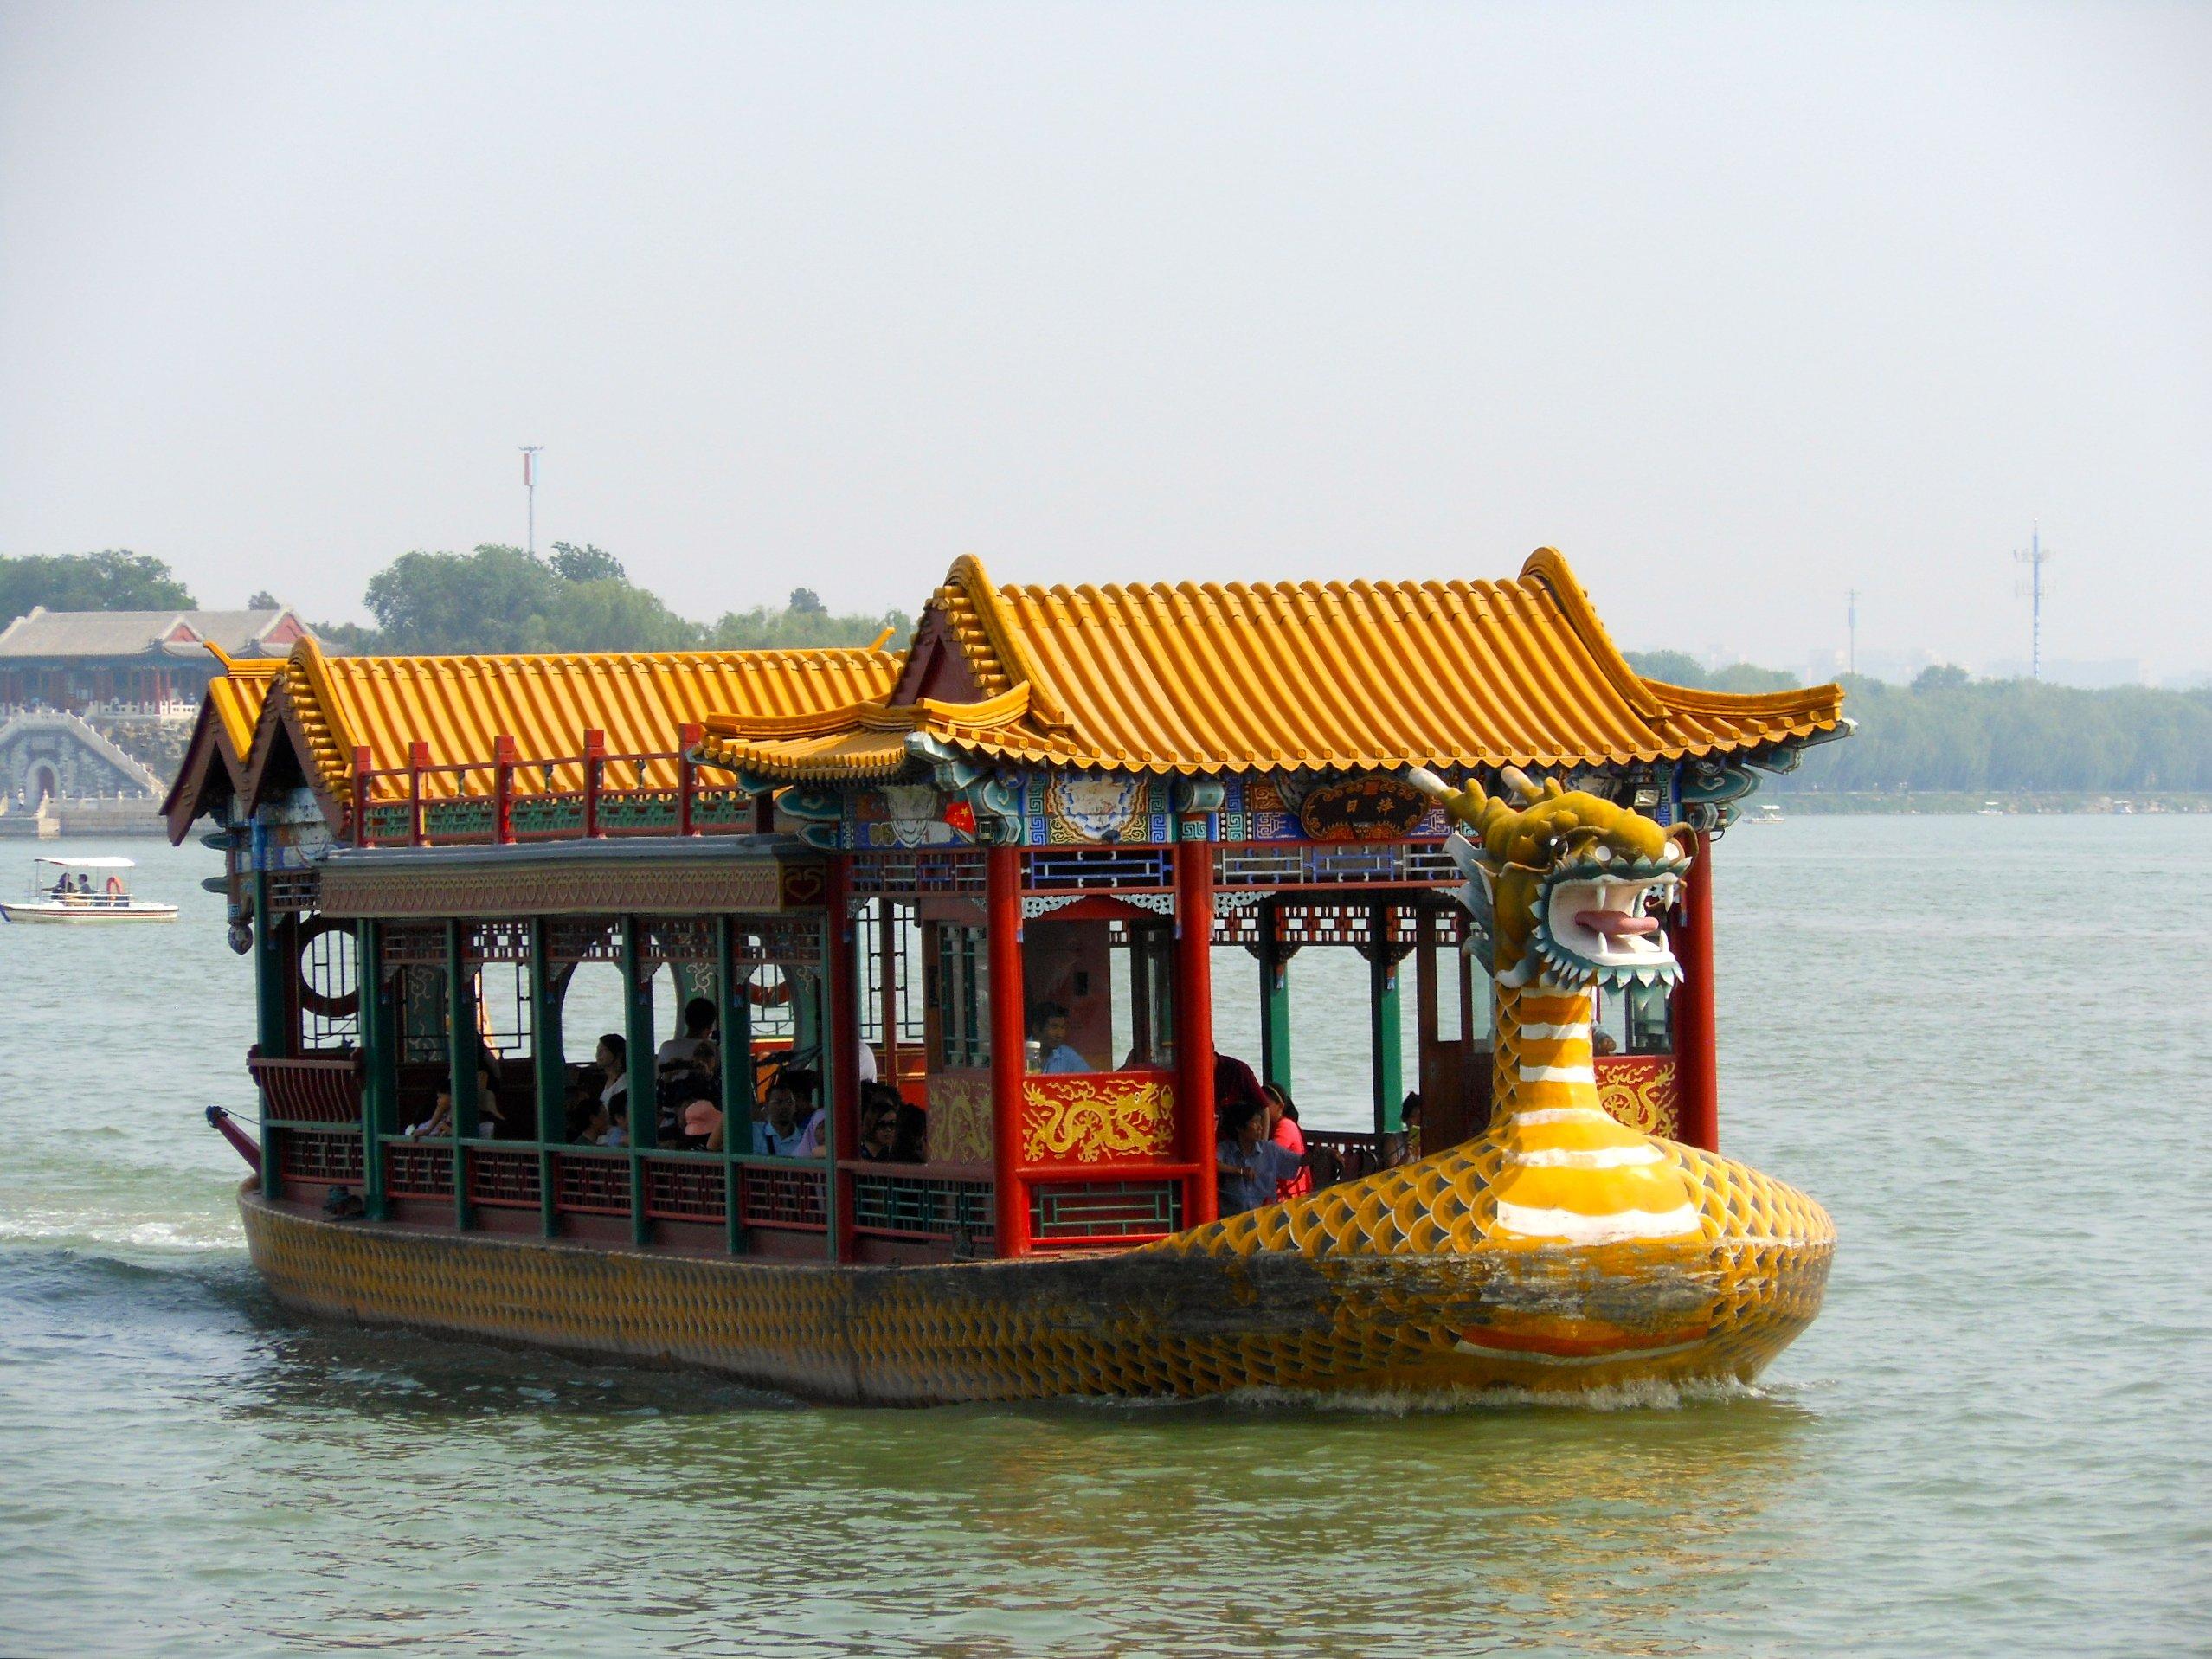 Pechino beijing cosa vedere e cosa fare blog di viaggi - Piastrella scheggiata cosa fare ...